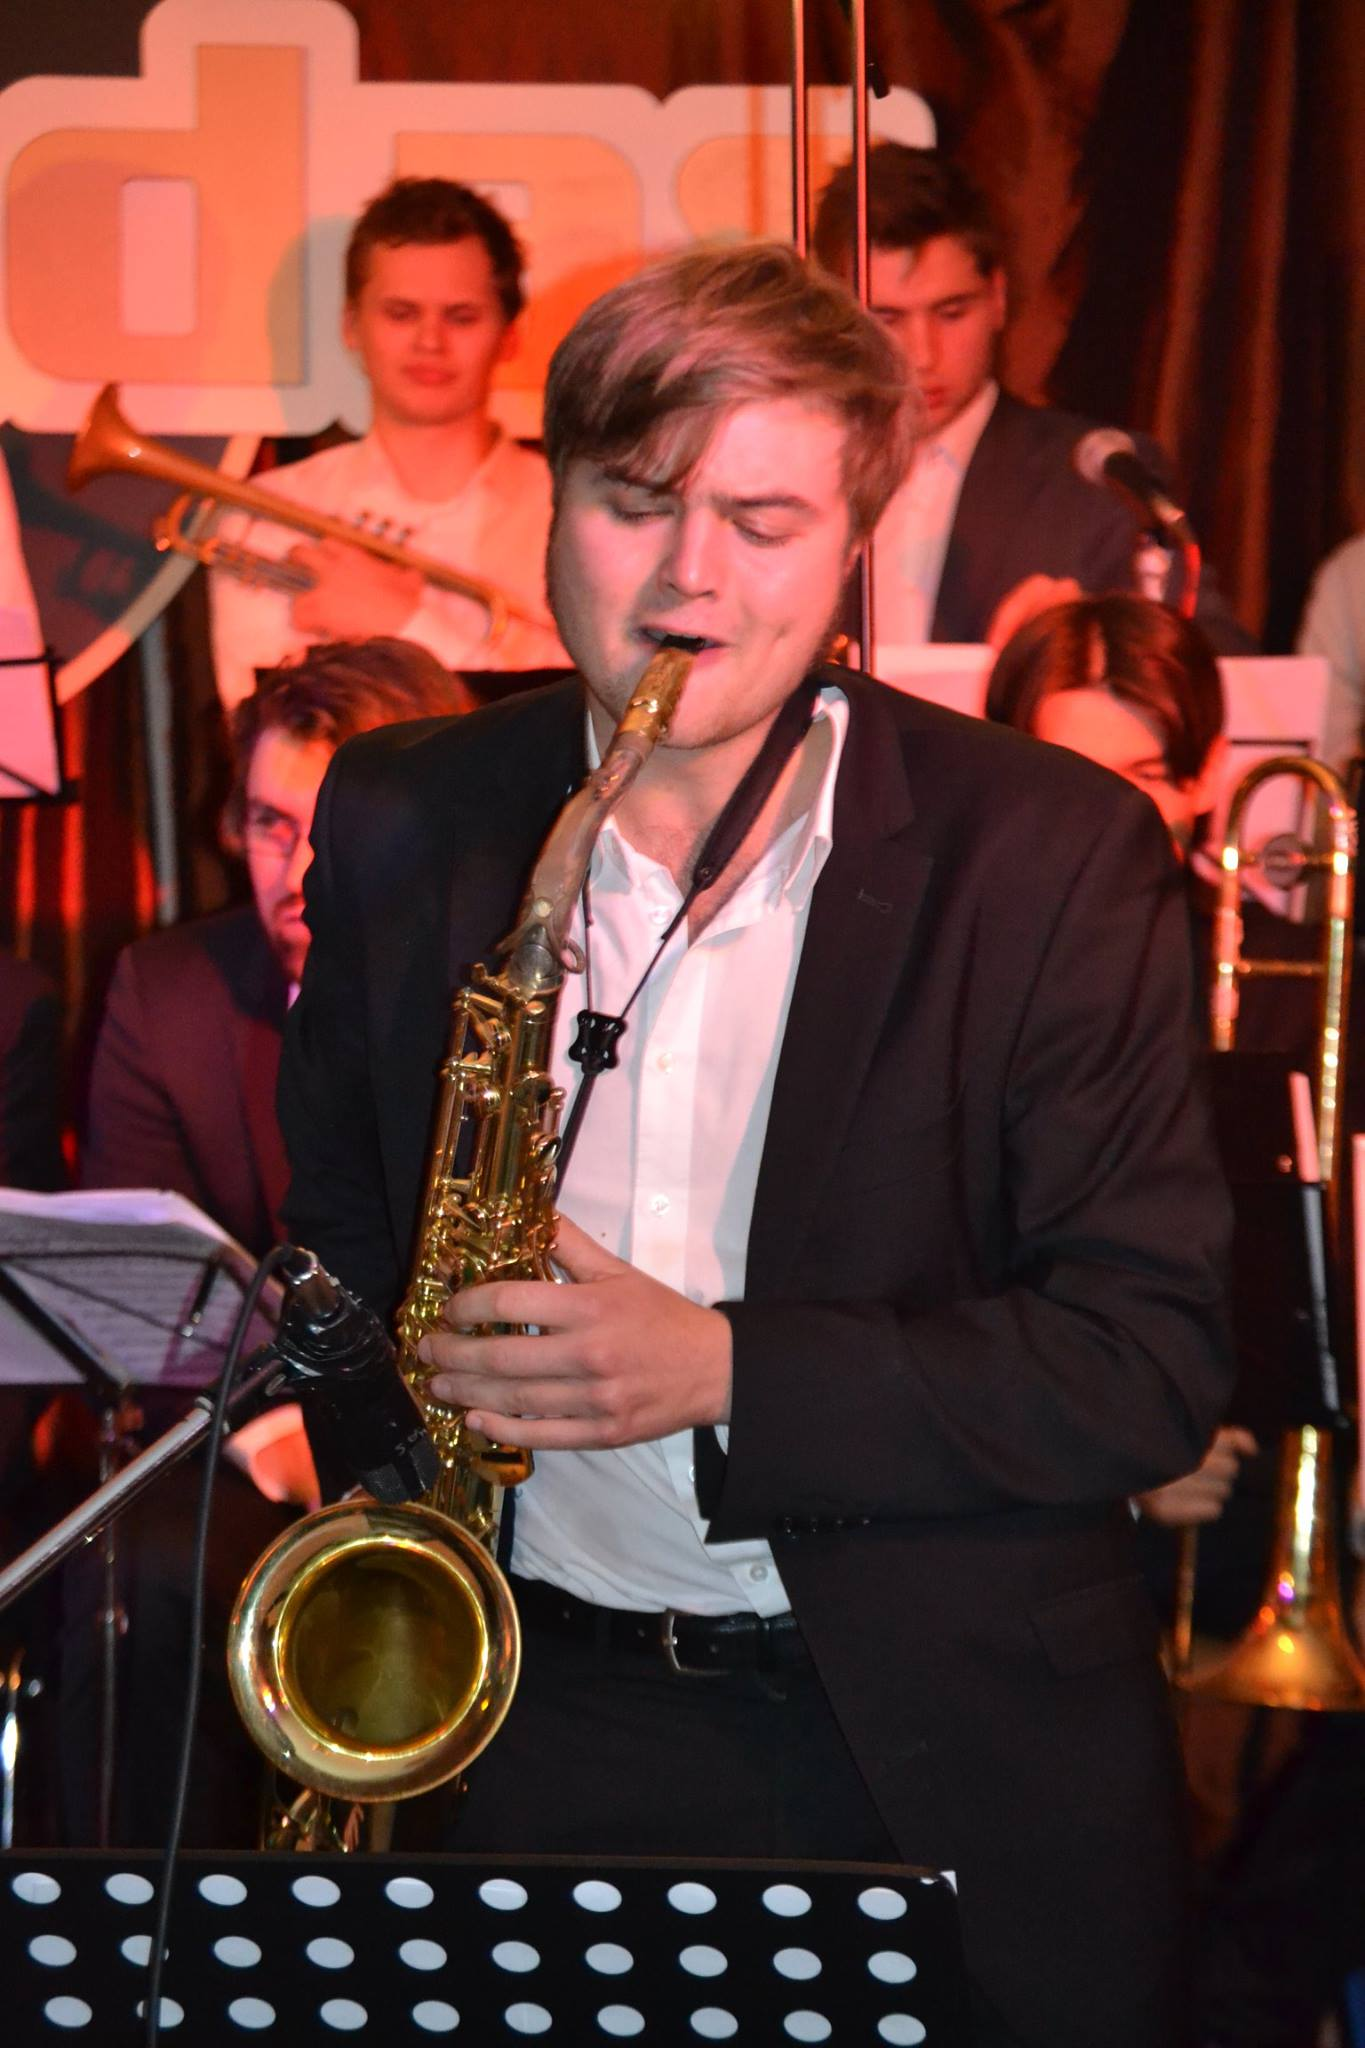 Paul Kolotzek